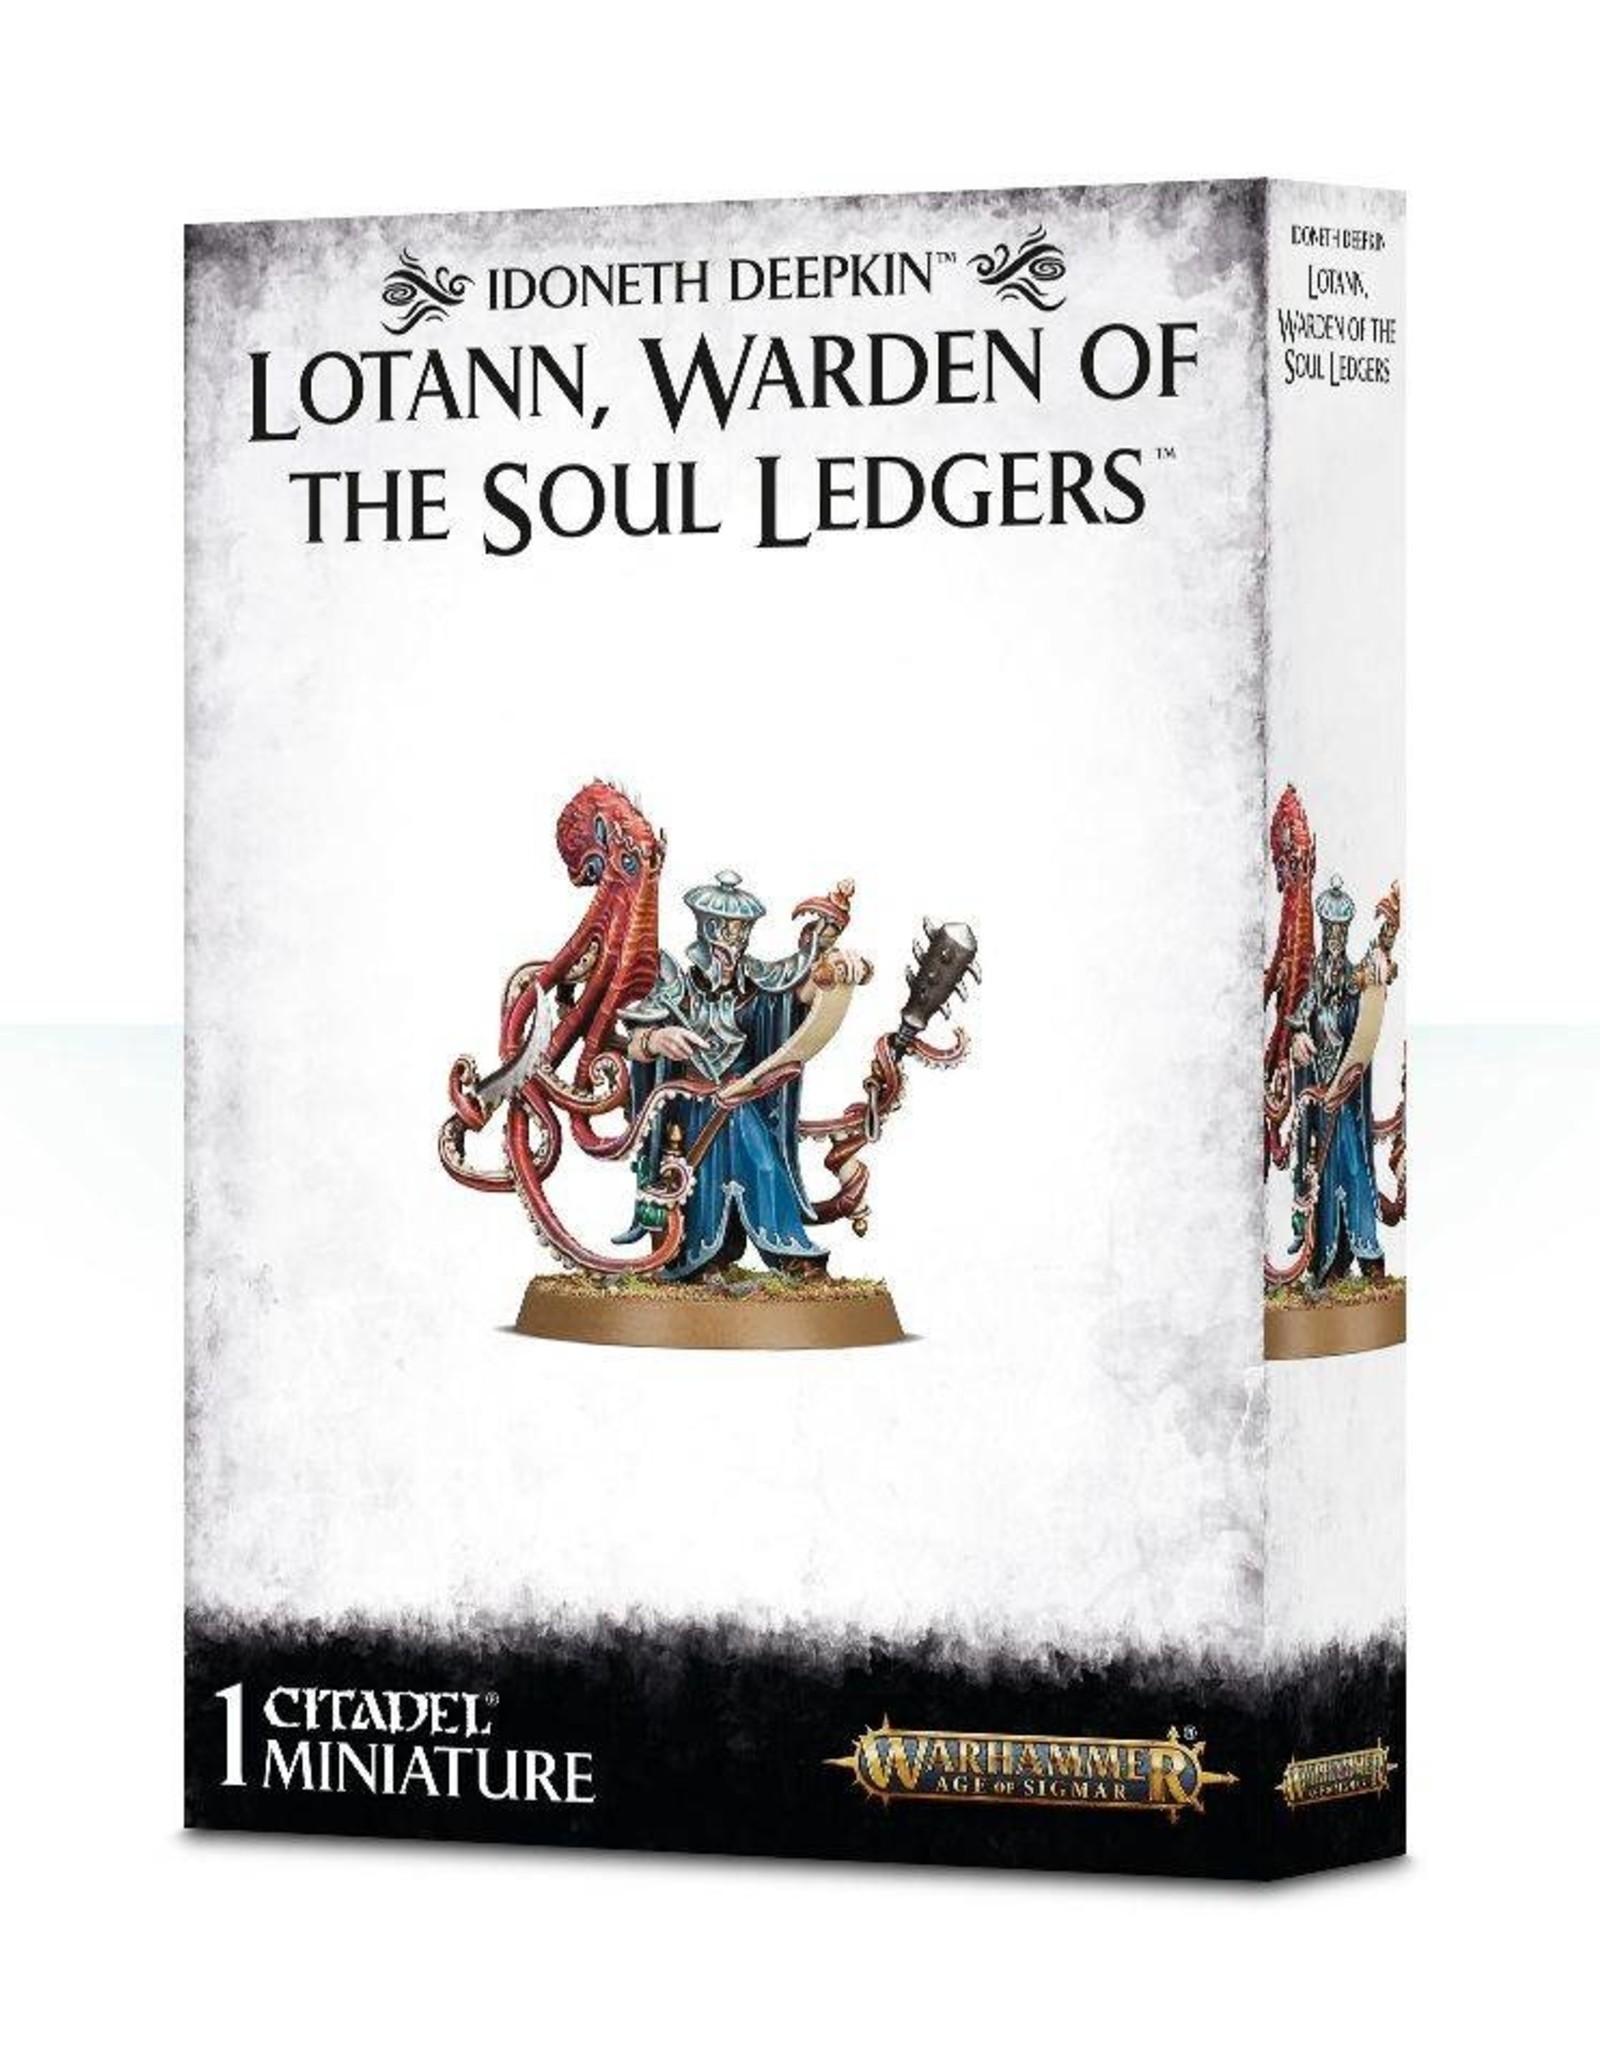 Games Workshop Idoneth Deepkin Lotann. Warden of the Soul Ledgers